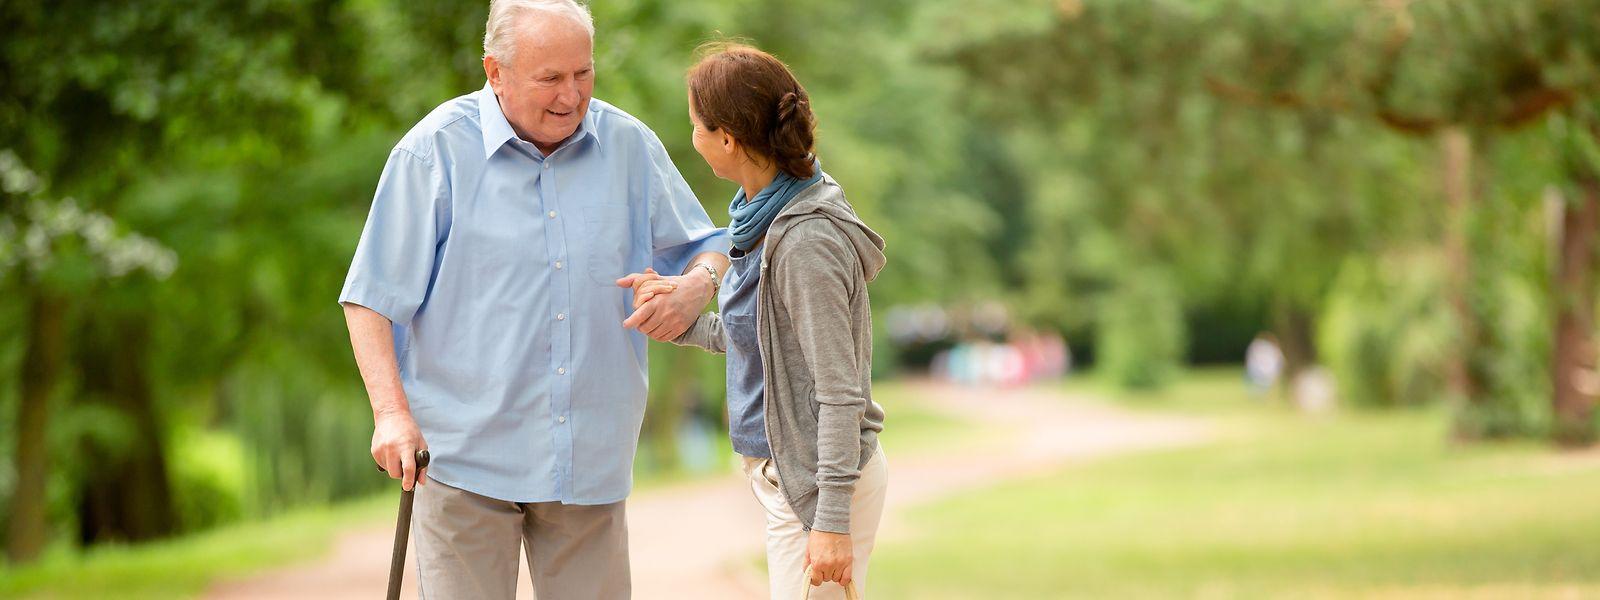 Manche Pflegedienstleister bieten die Einkaufsbegleitung nur gegen Bezahlung an.